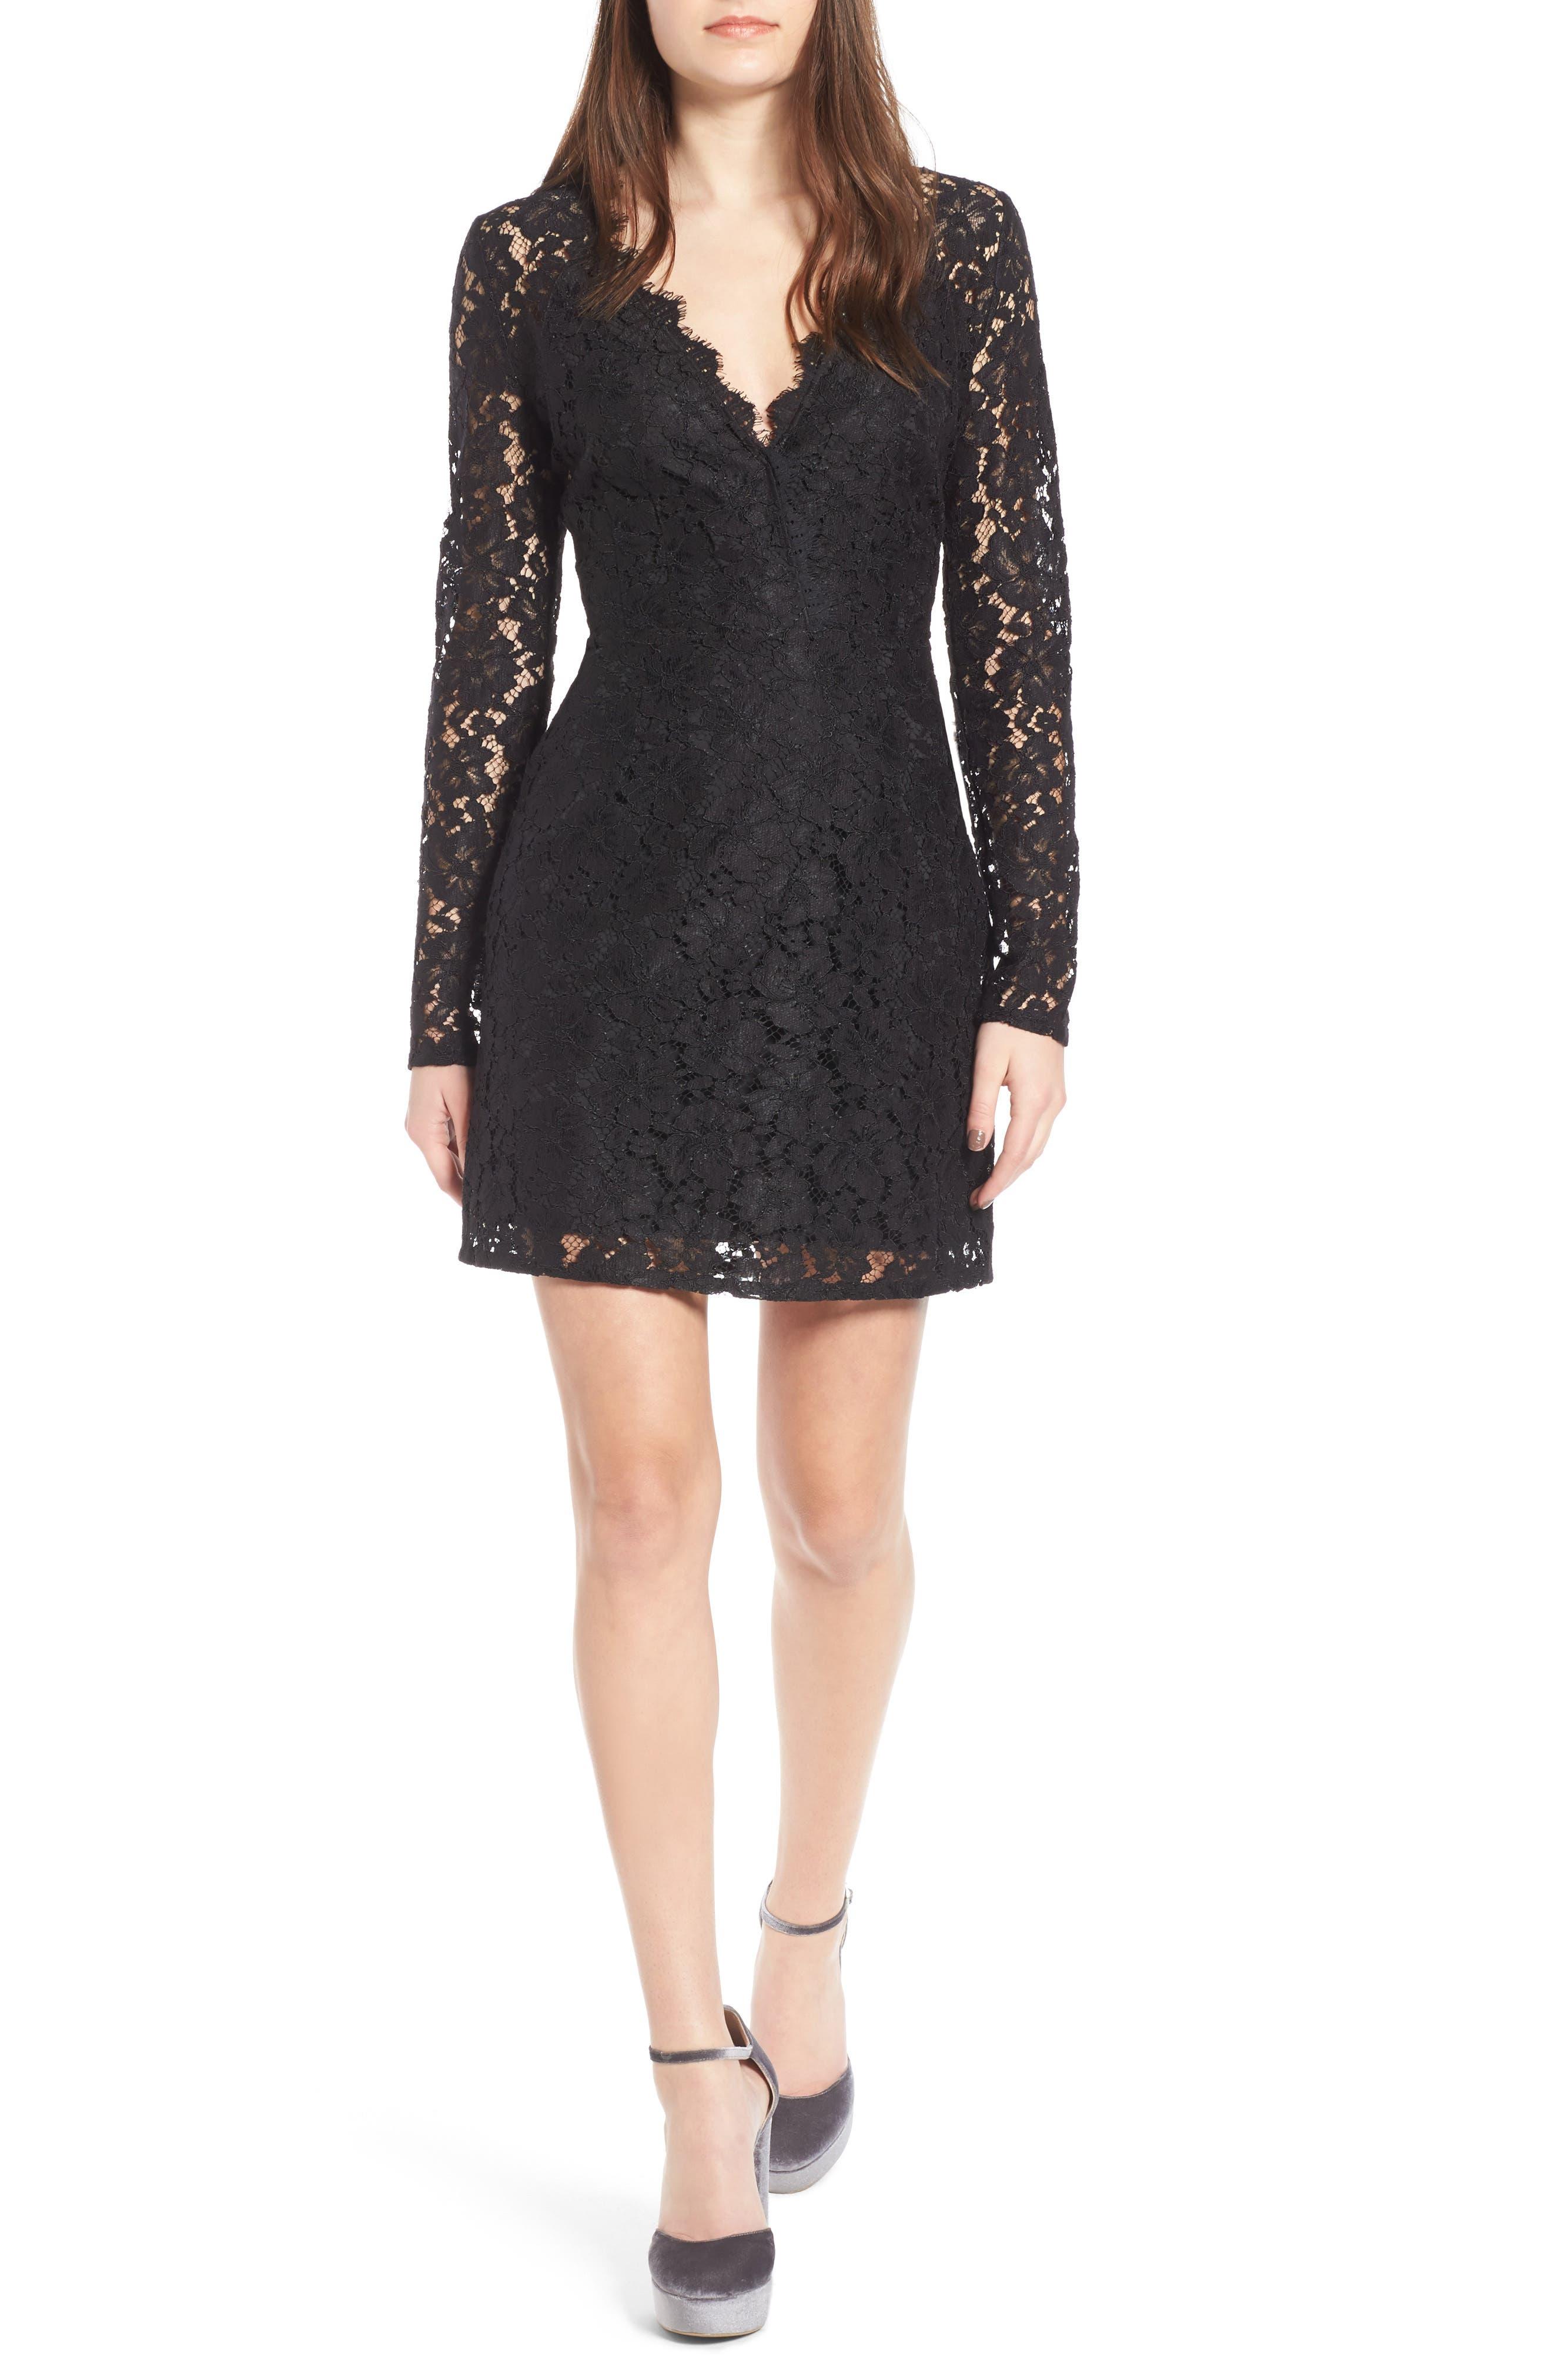 Say It Out Loud Lace Dress,                             Main thumbnail 1, color,                             Black